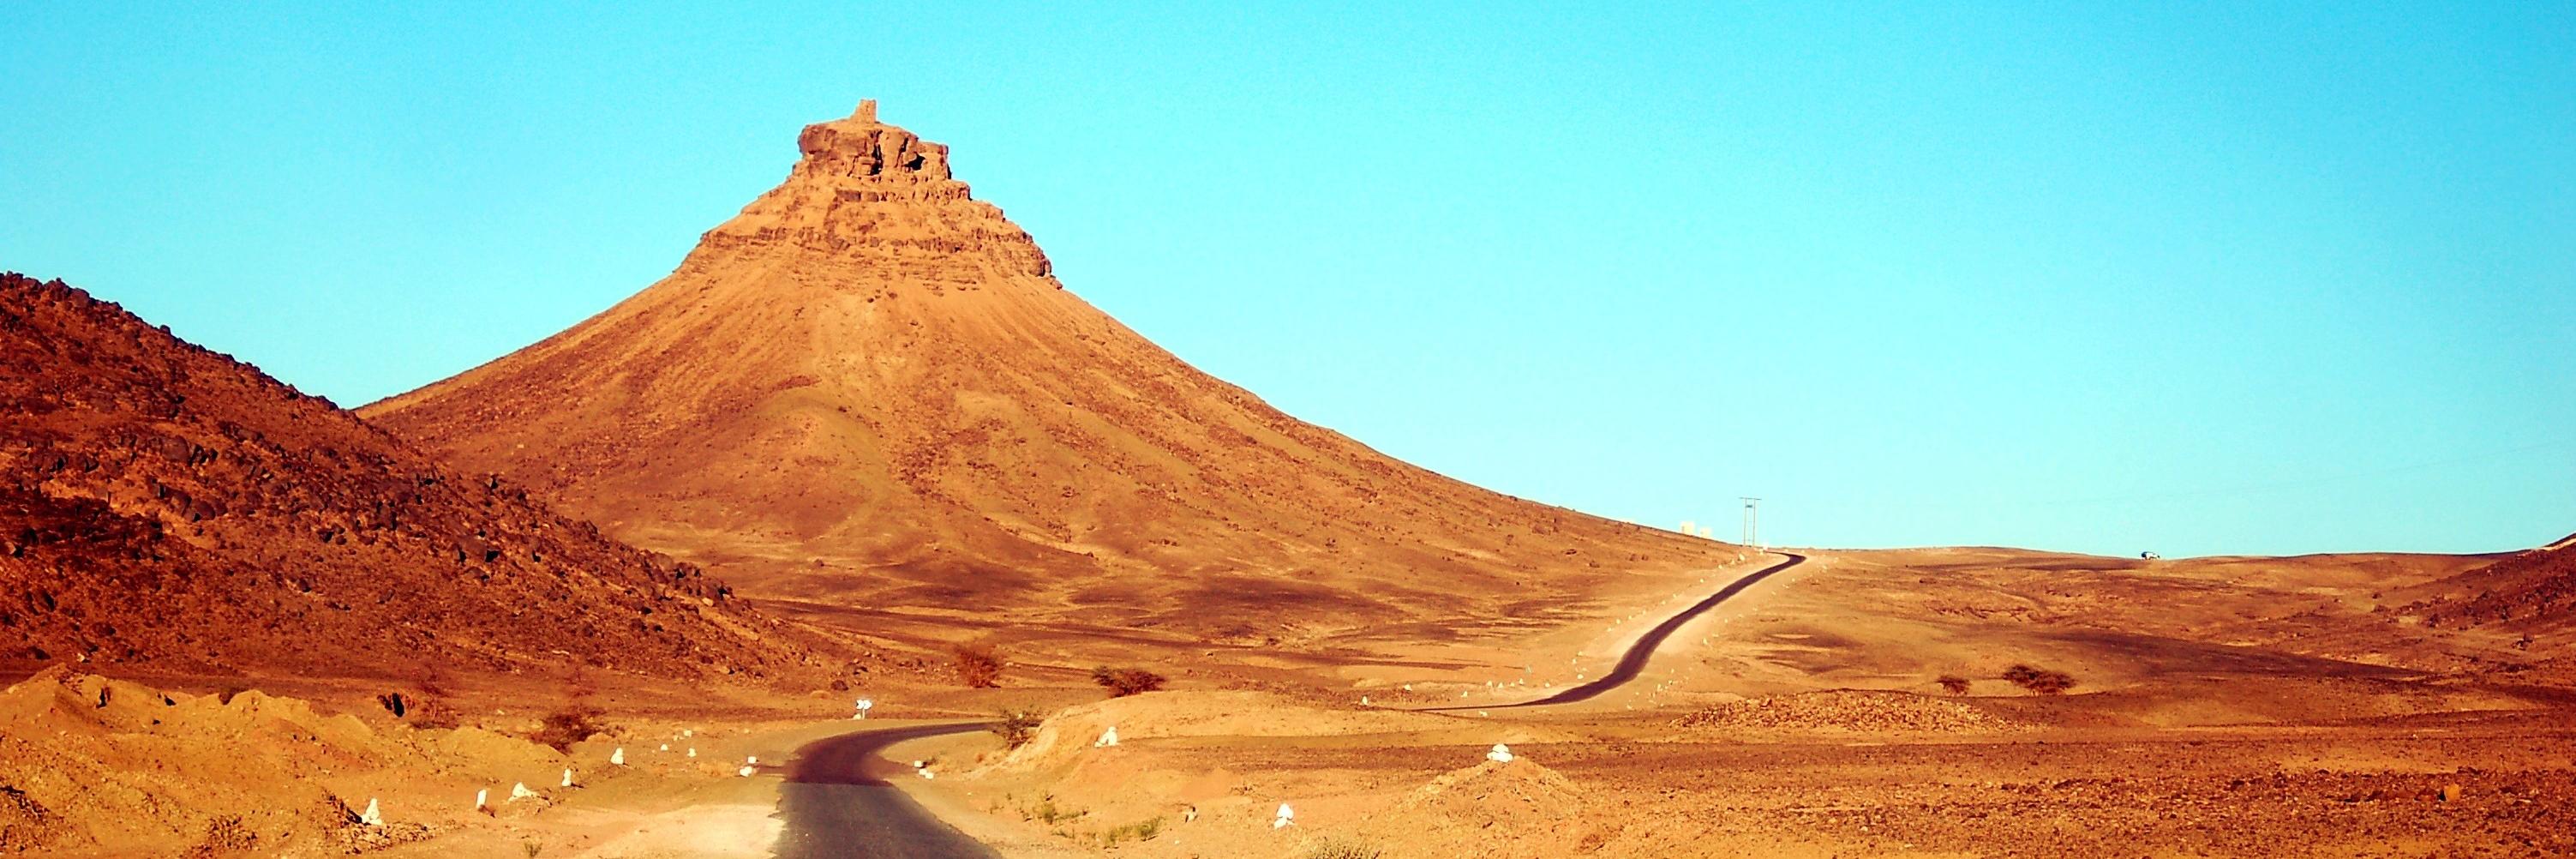 marokko-landschaft-resized